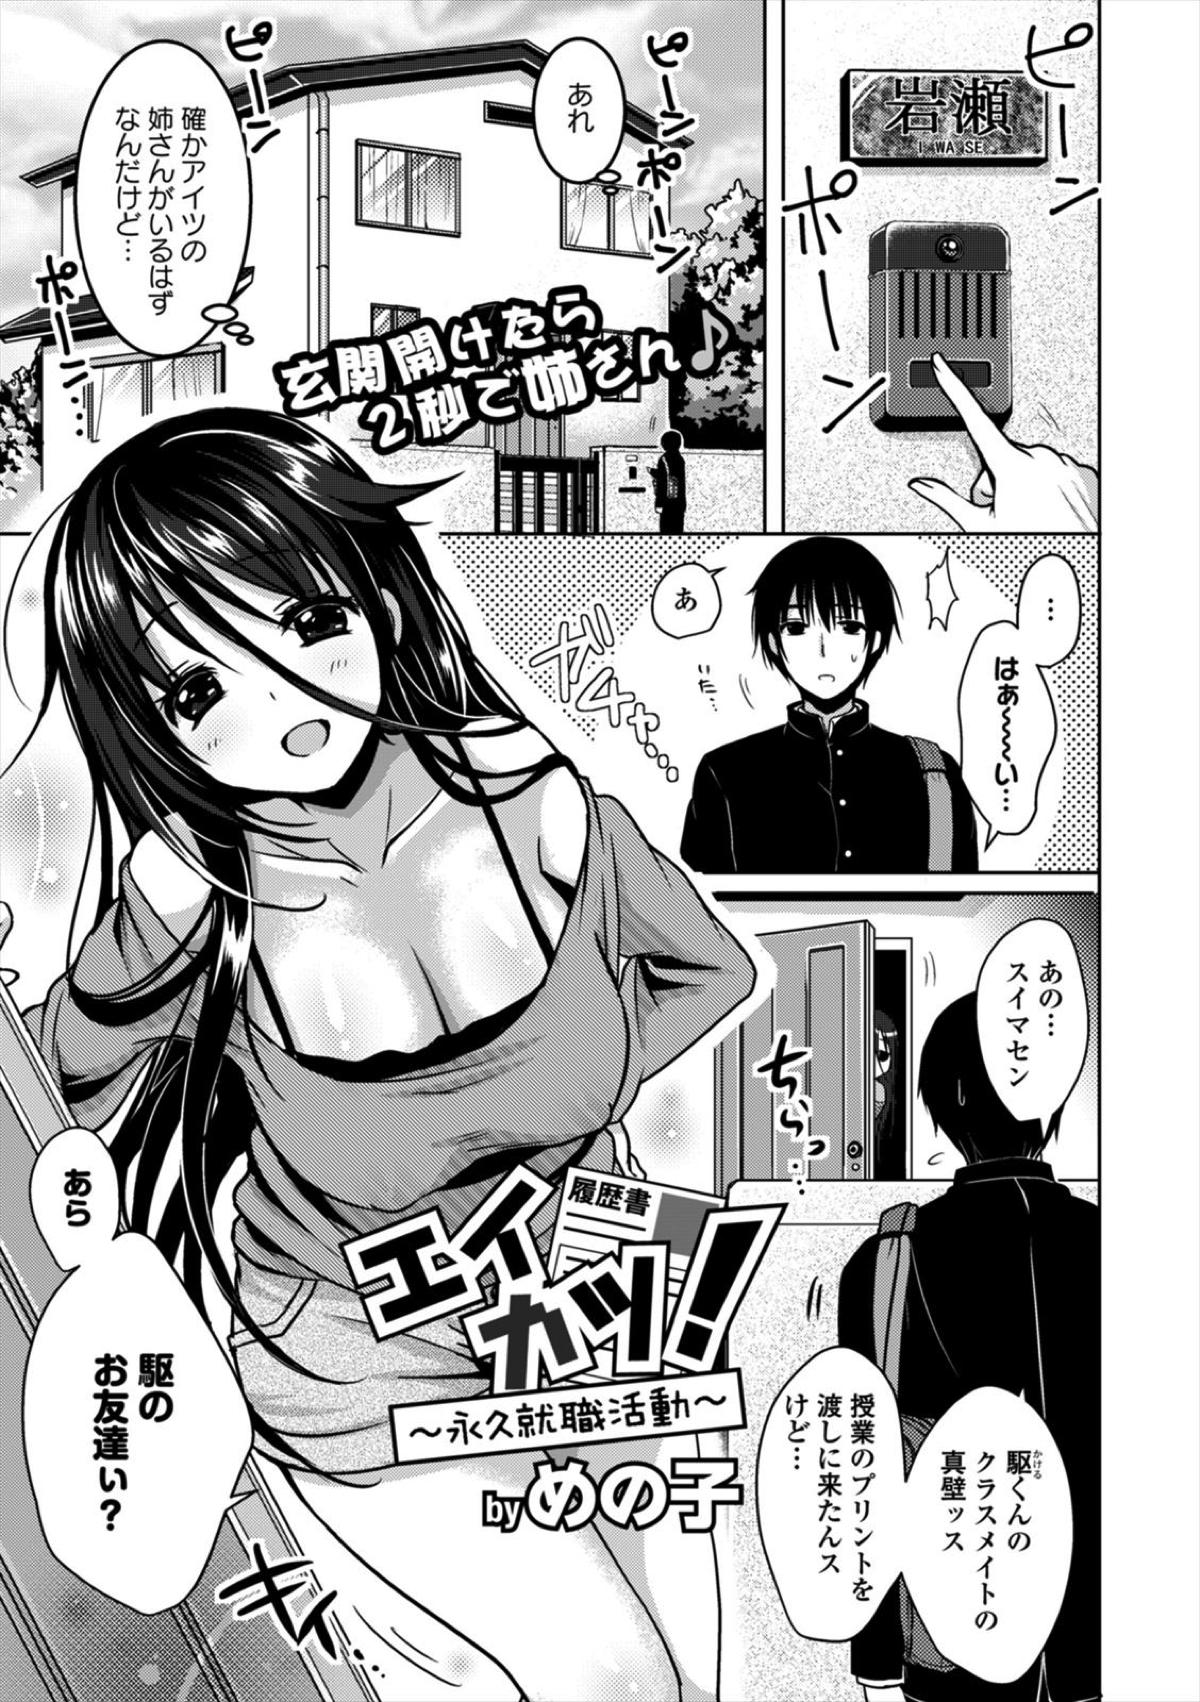 [めの子] エイカツ! (1)